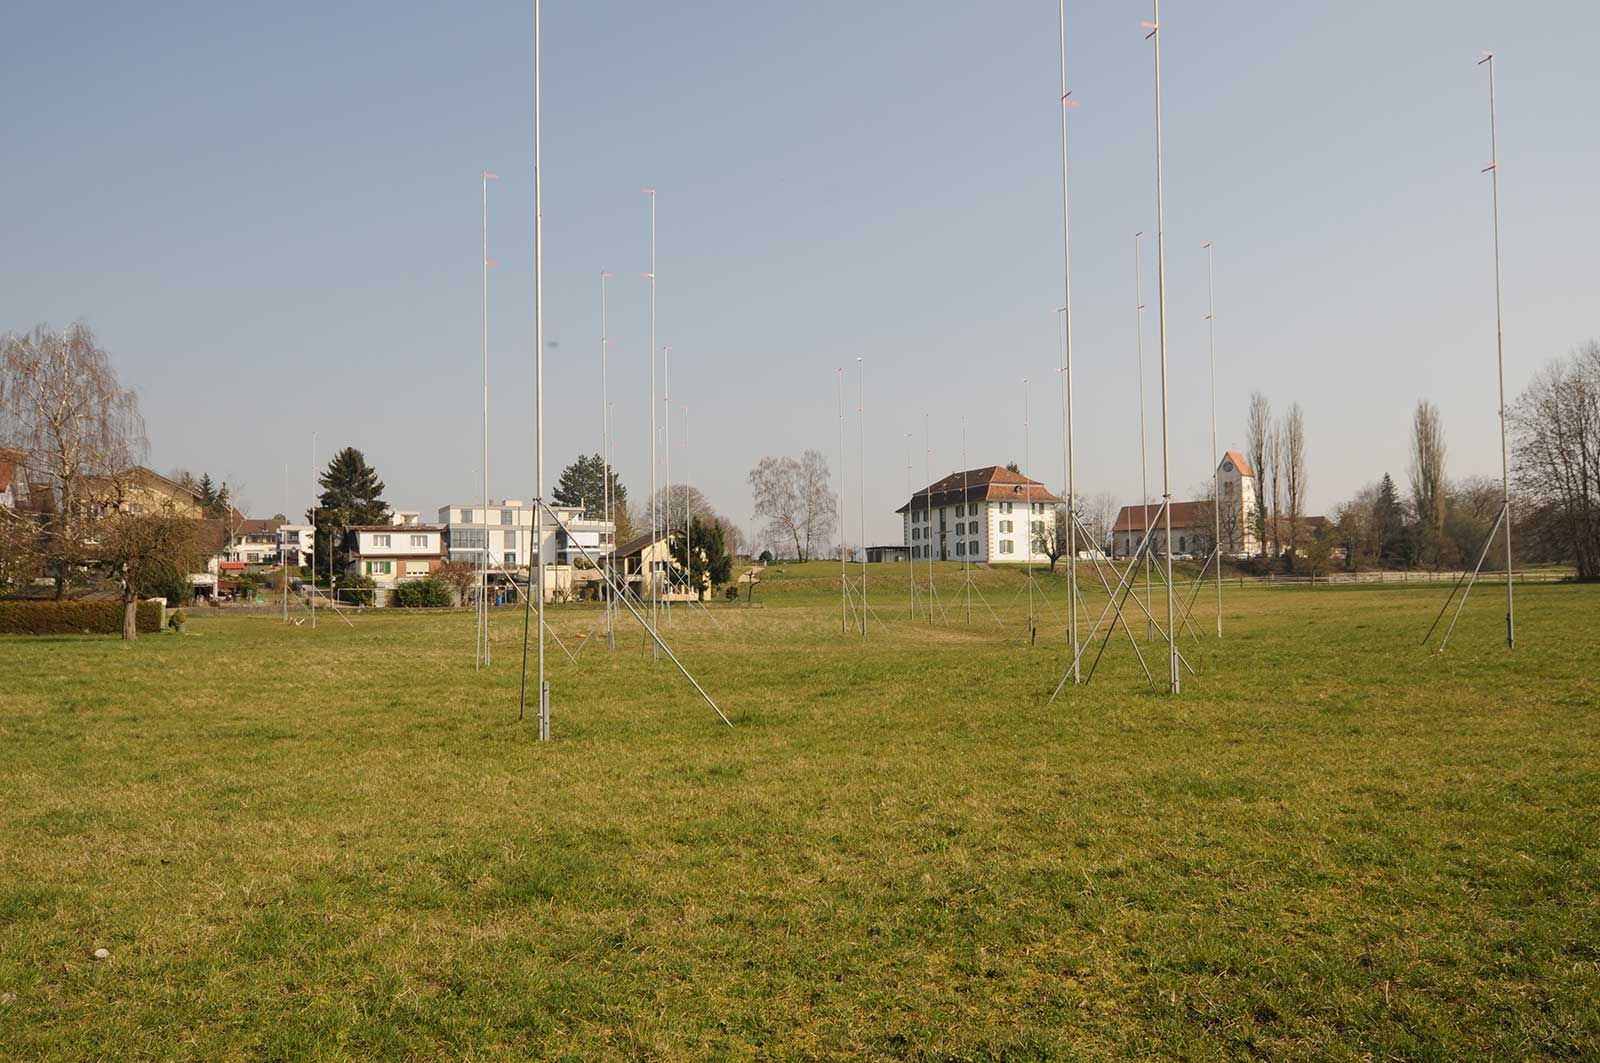 Baugespann / Bauprofile Neubau Wohnüberbauung Dorfzentrum Orpund Gottstatt